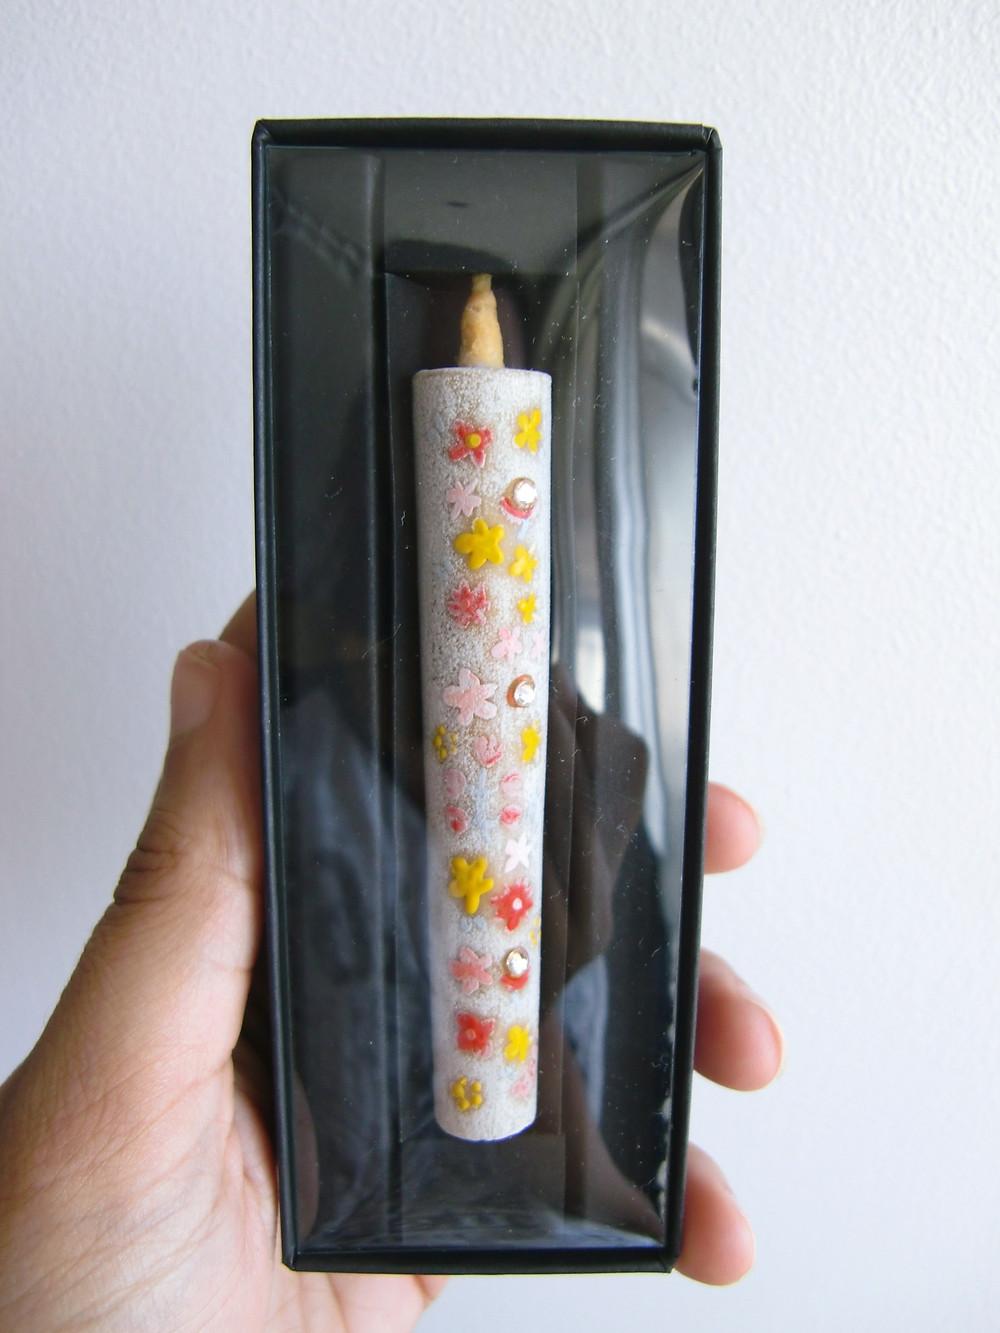 松井和蝋燭 Vegan Japanese Candle